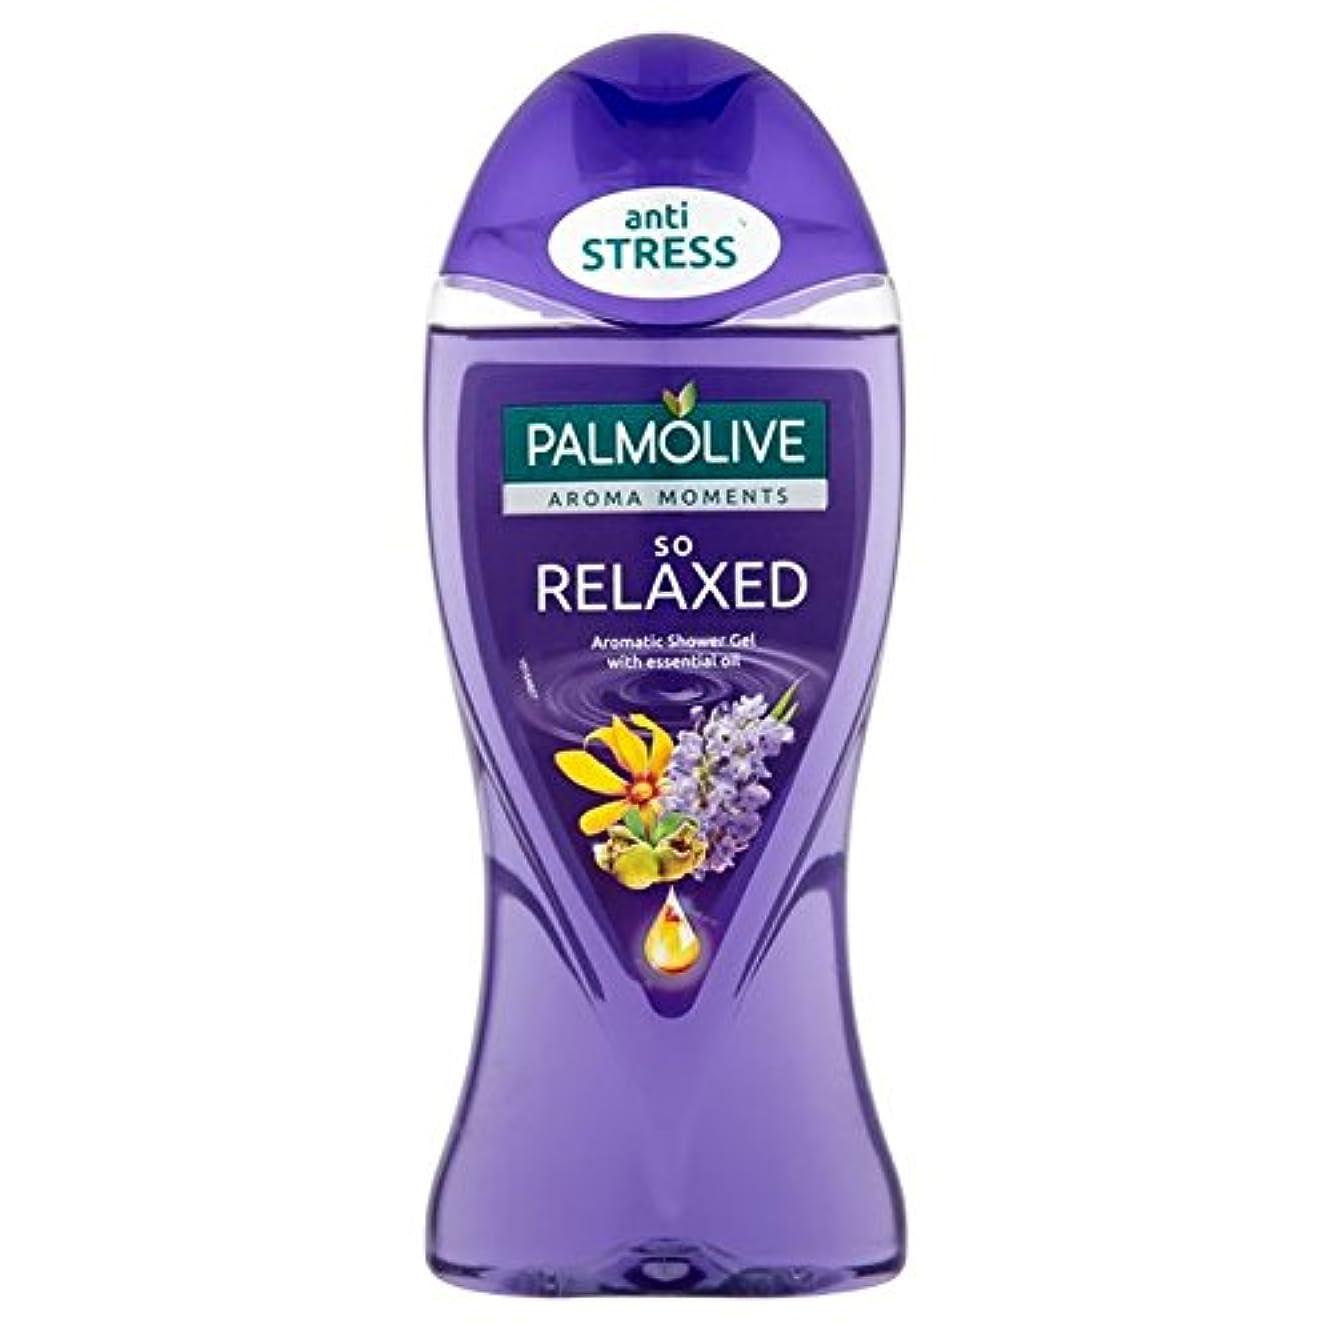 思い出すで割り当てPalmolive Shower Gel Relaxed 250ml (Pack of 6) - パルモシャワージェルリラックスした250ミリリットル x6 [並行輸入品]